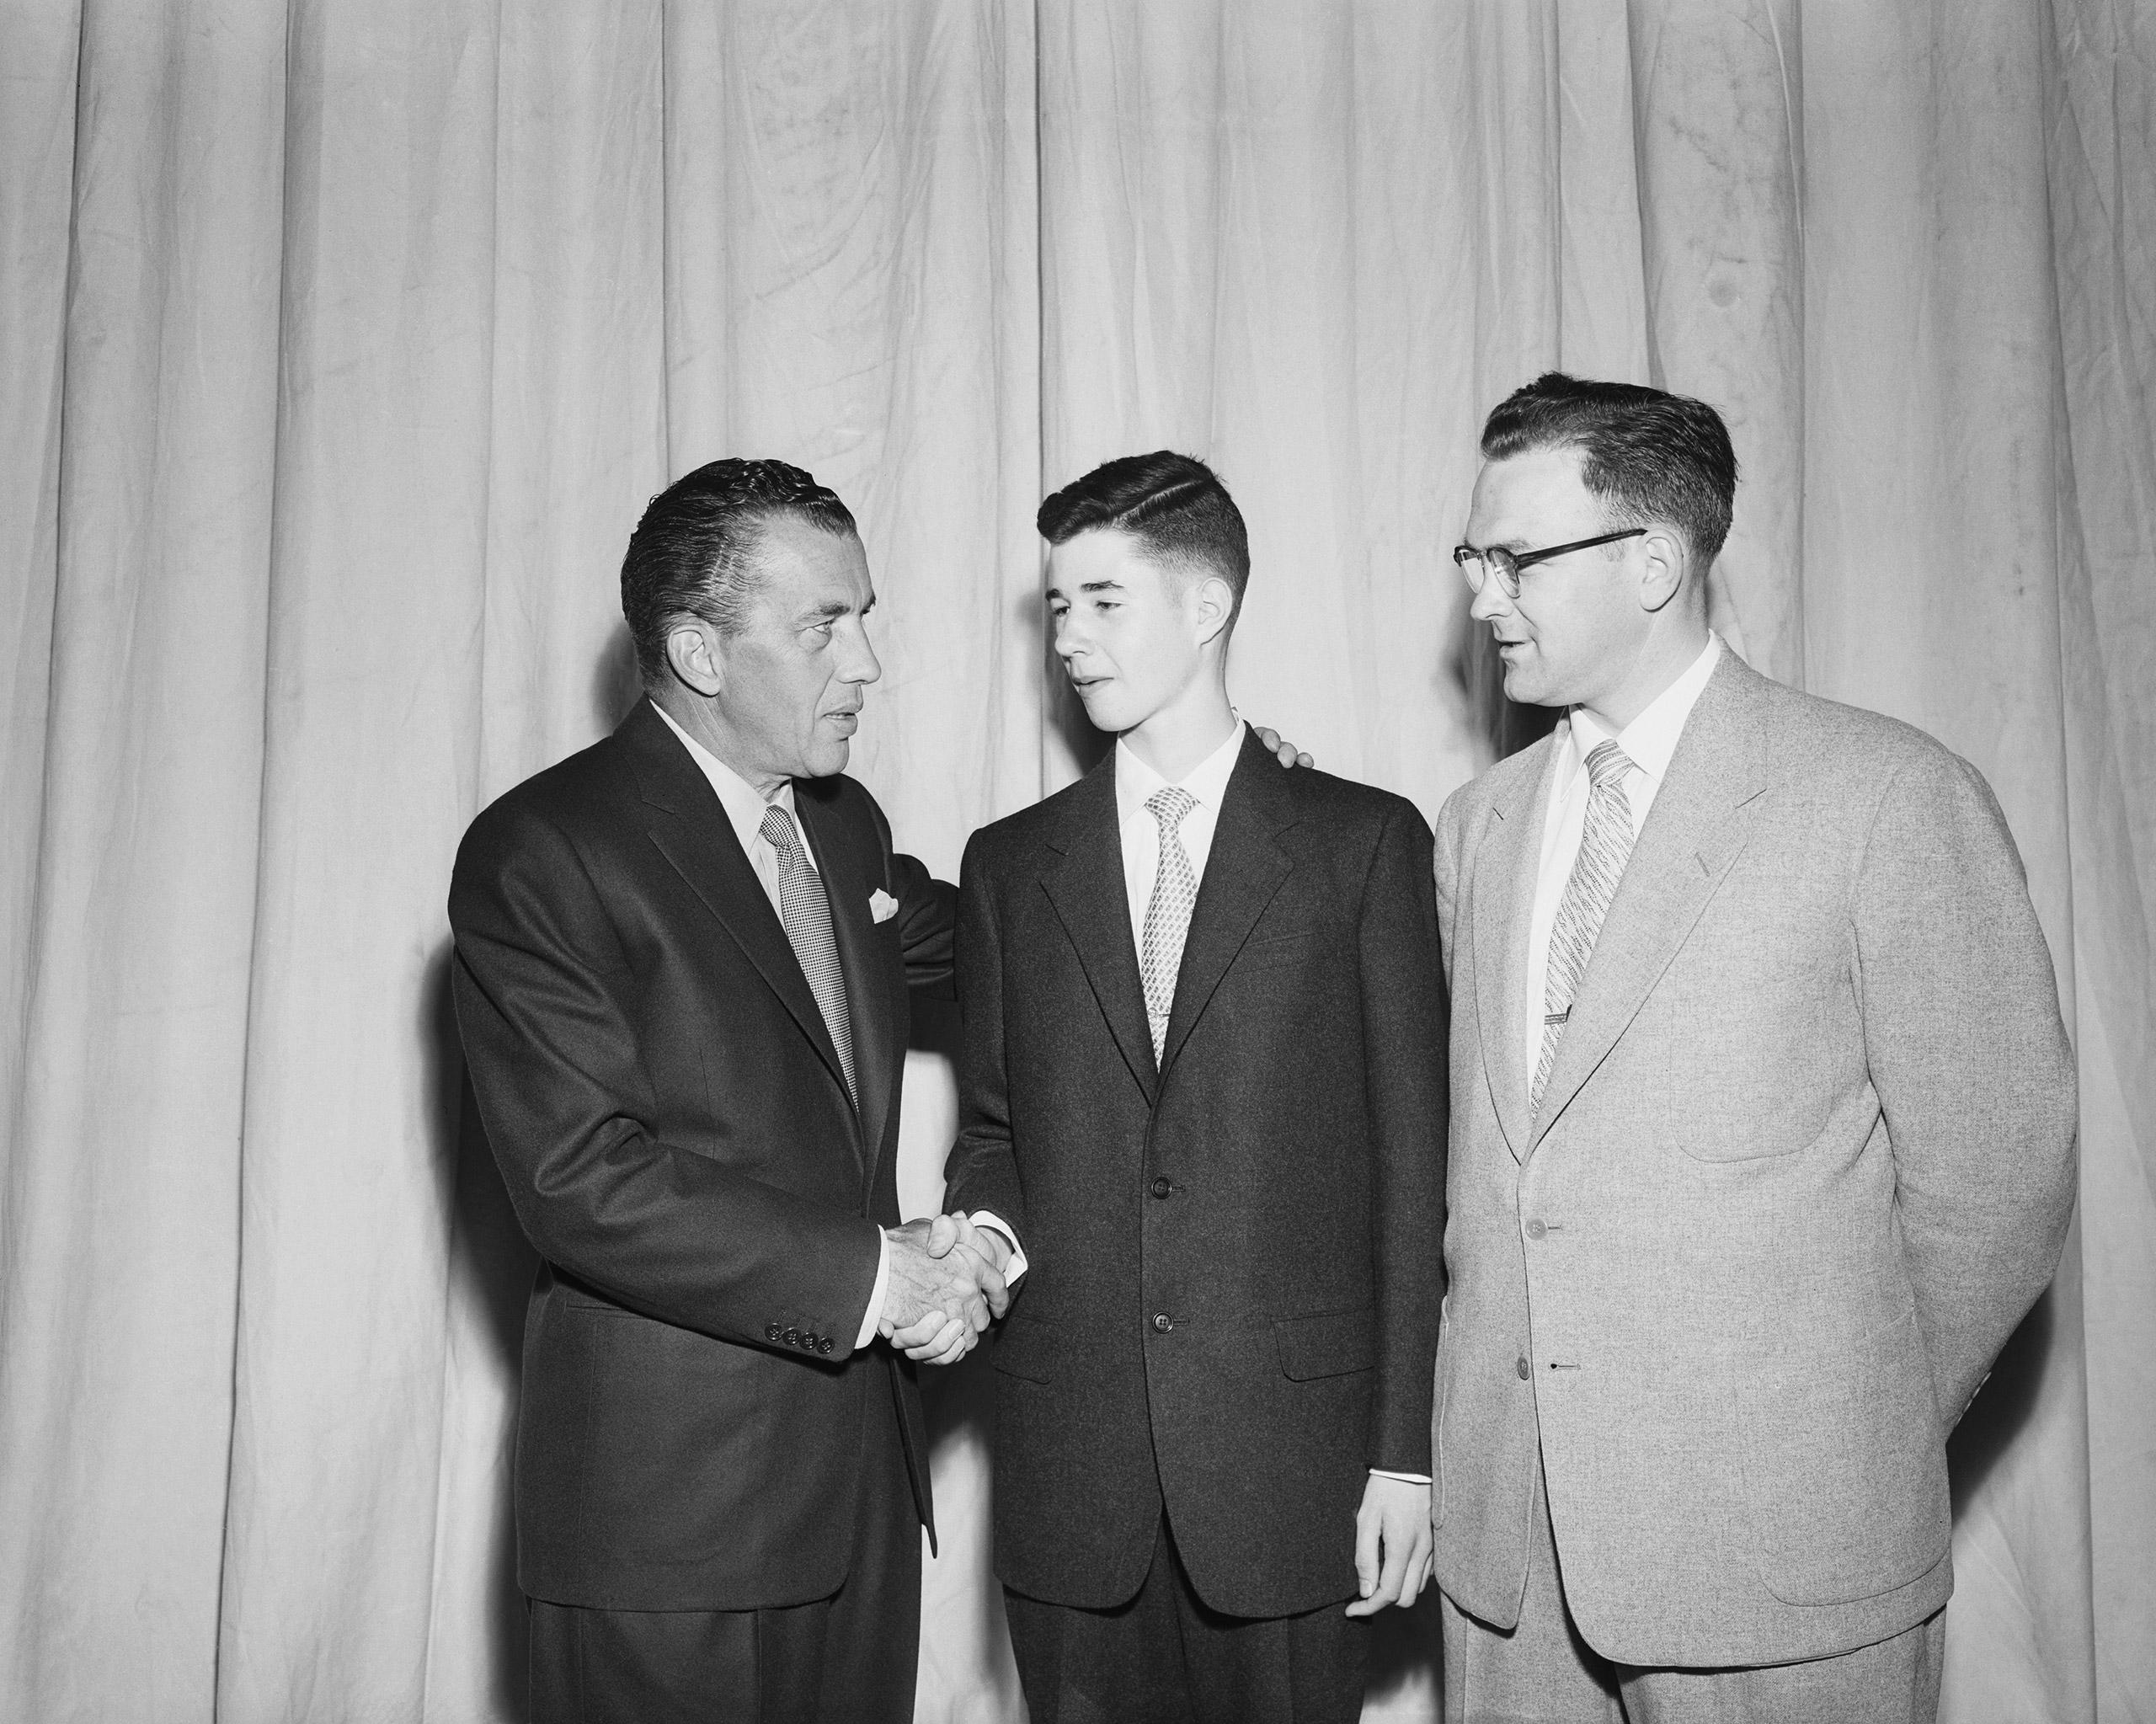 William Cashore Congratulated by Ed Sullivan